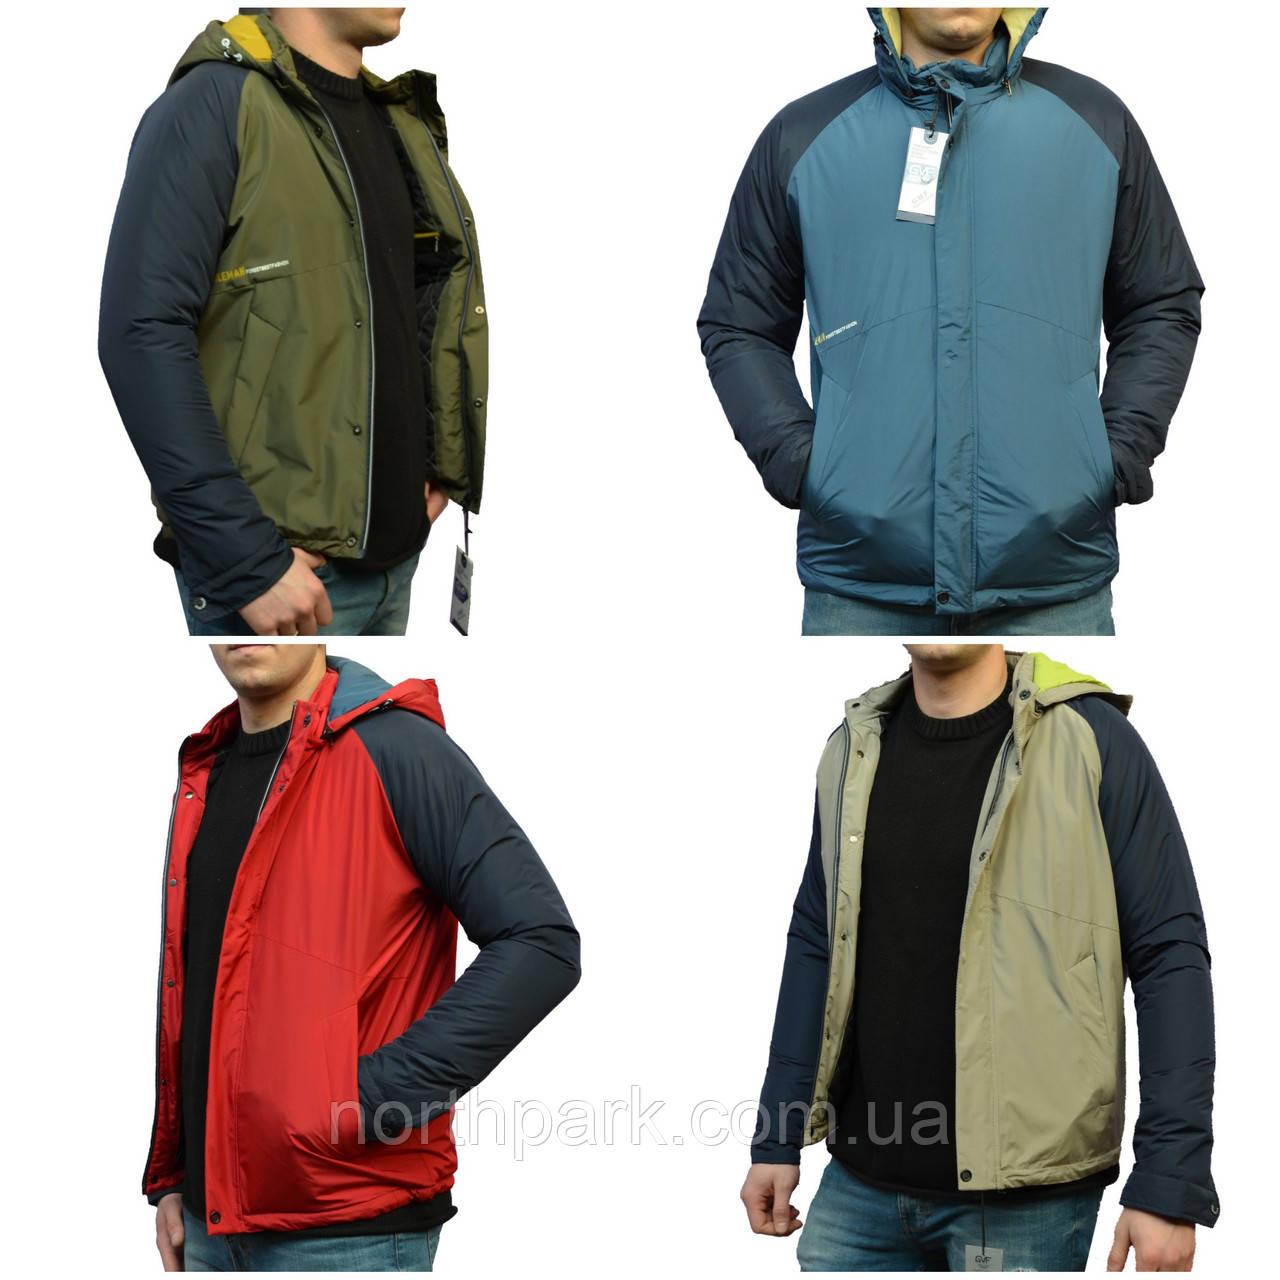 Чоловіча демісезонна куртка у спортивному стилі